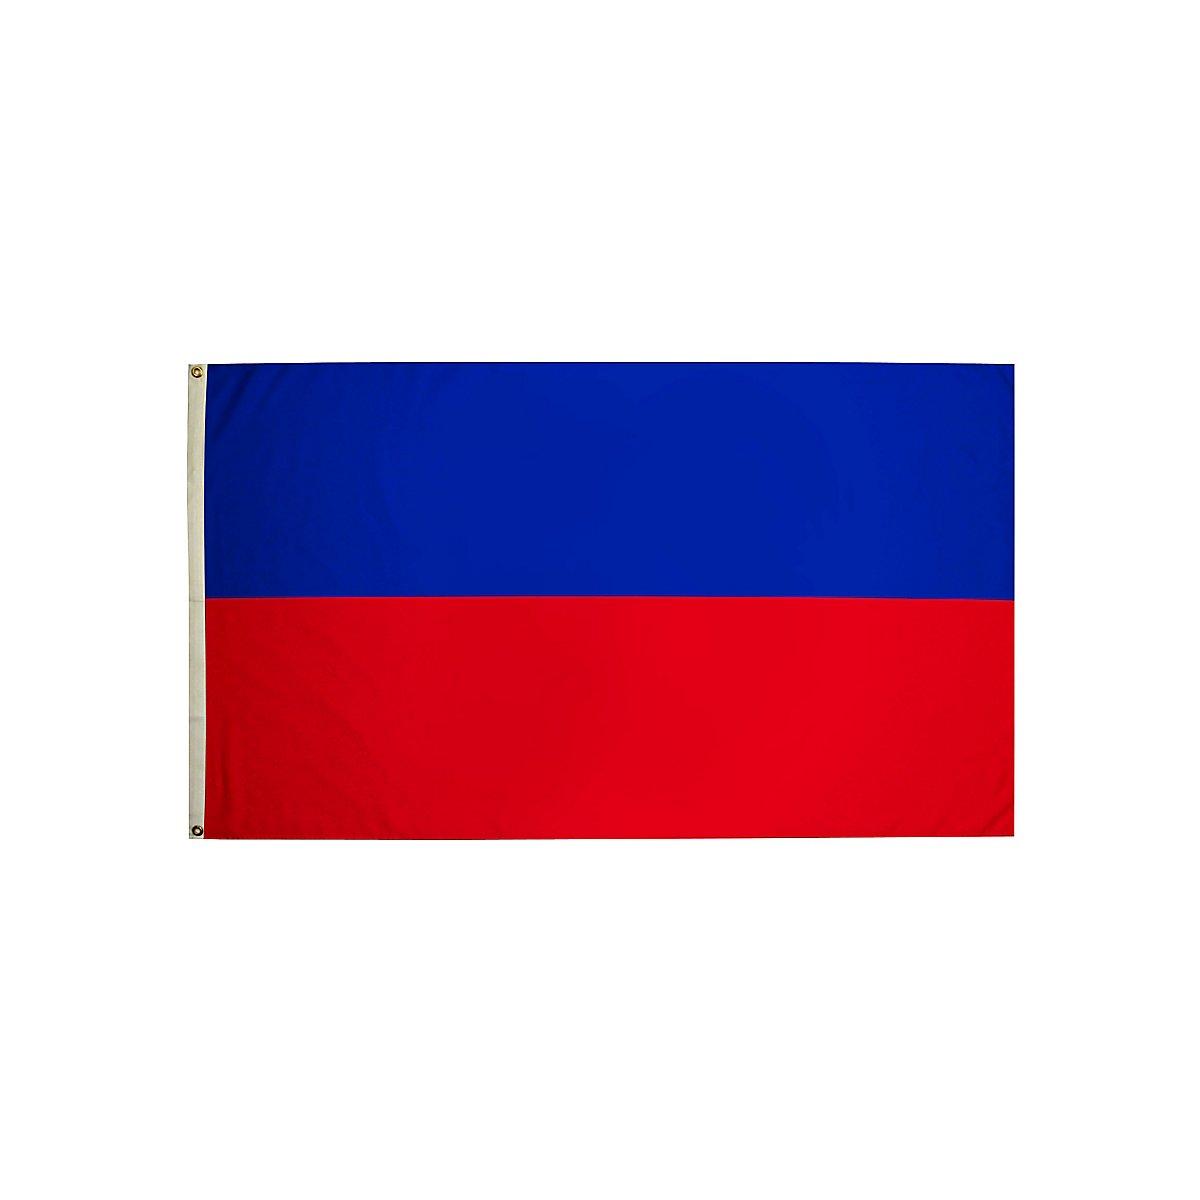 Flagge Rot-blau